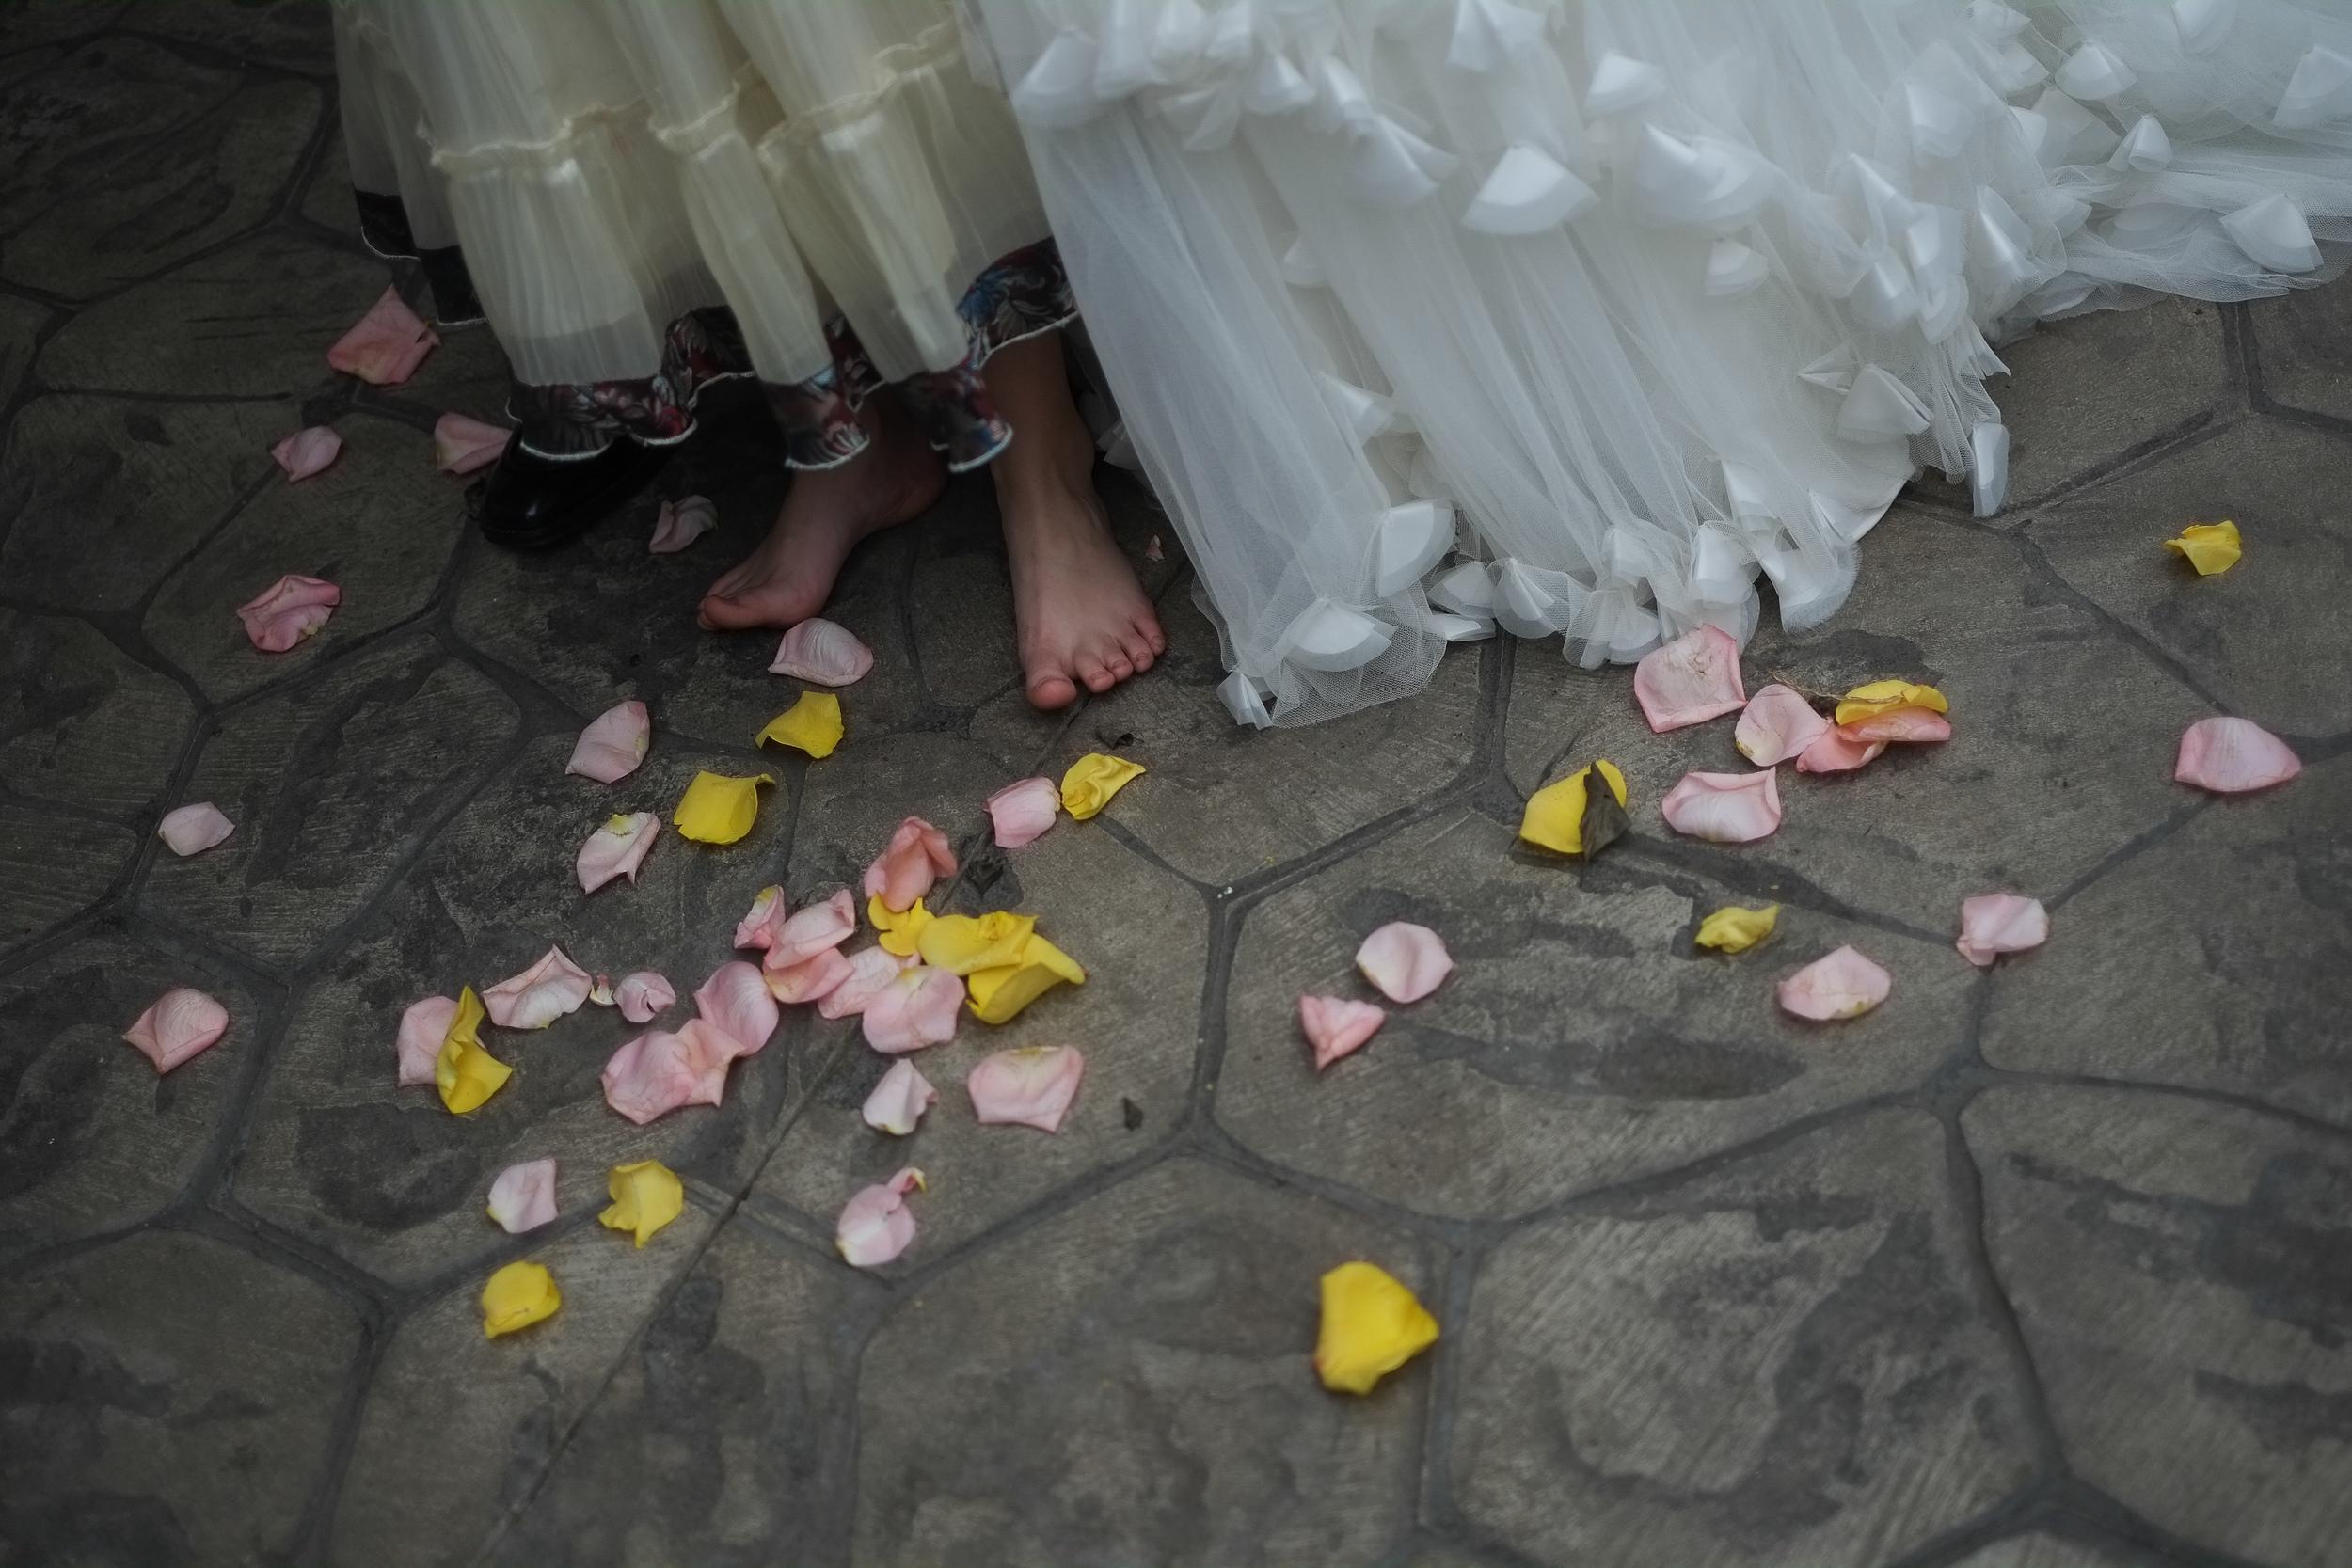 fuji-xpro-1-wedding-005.jpg